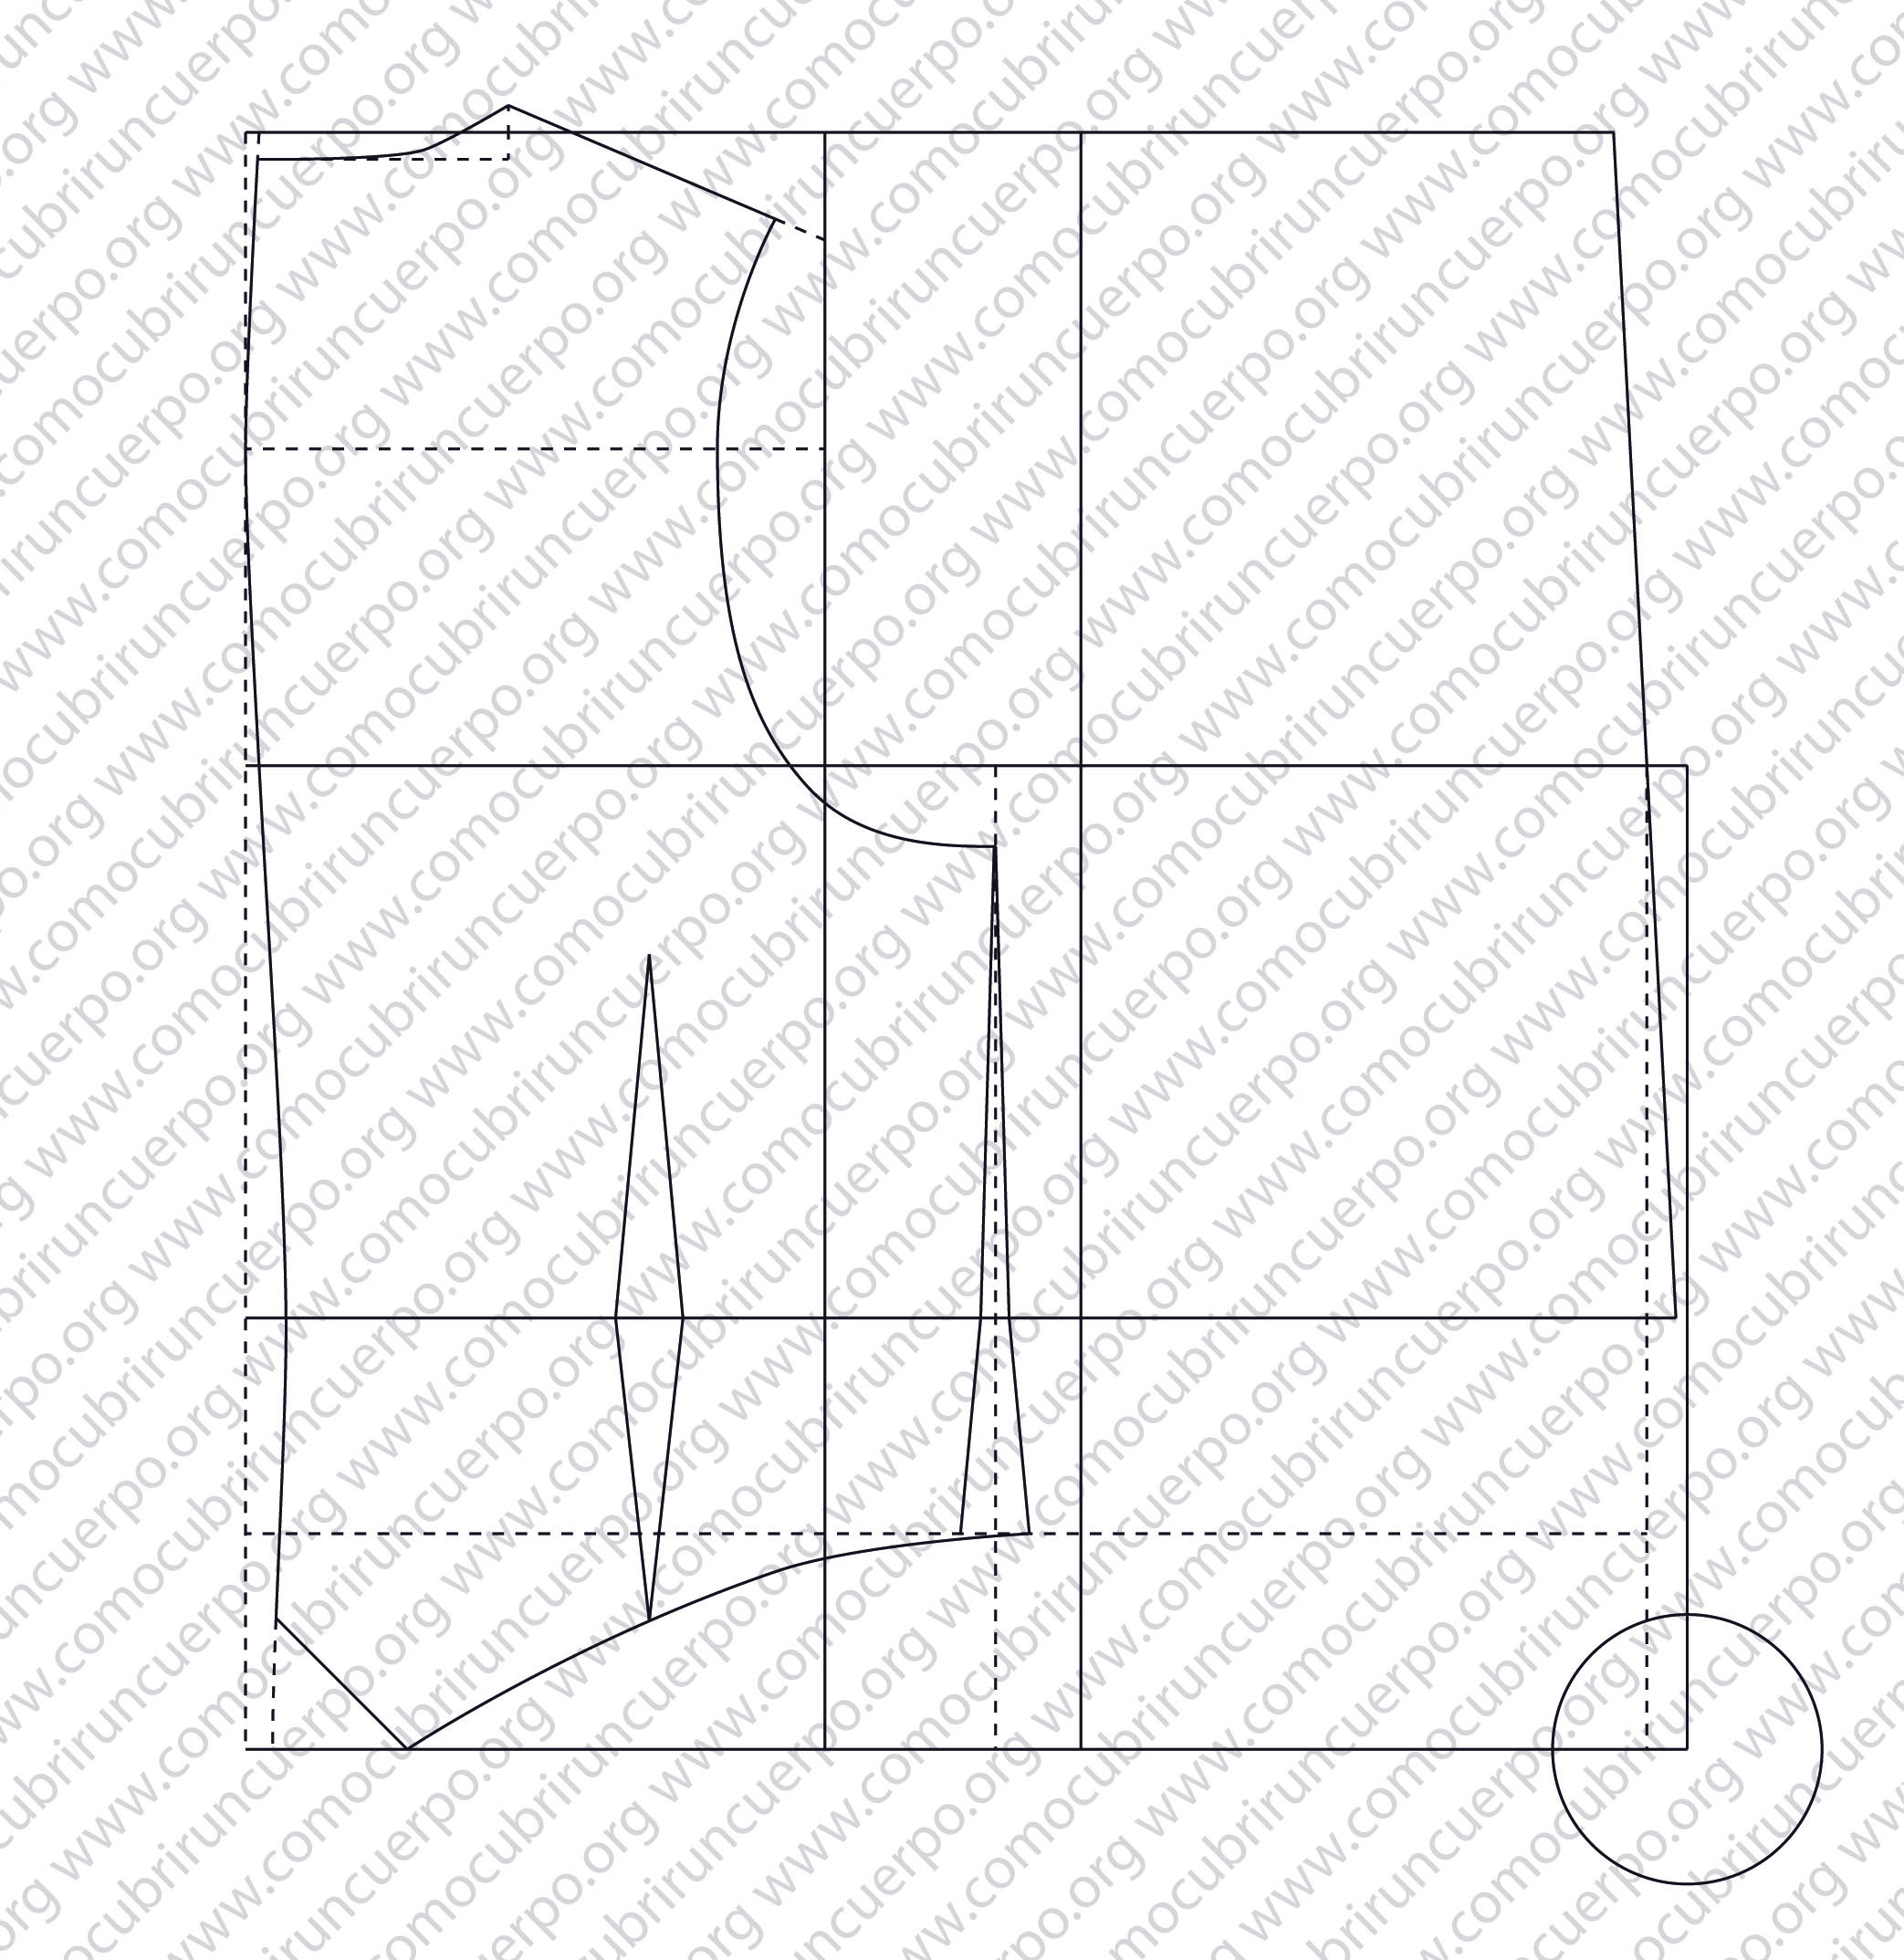 Trazado base del patrón del chaleco masculino